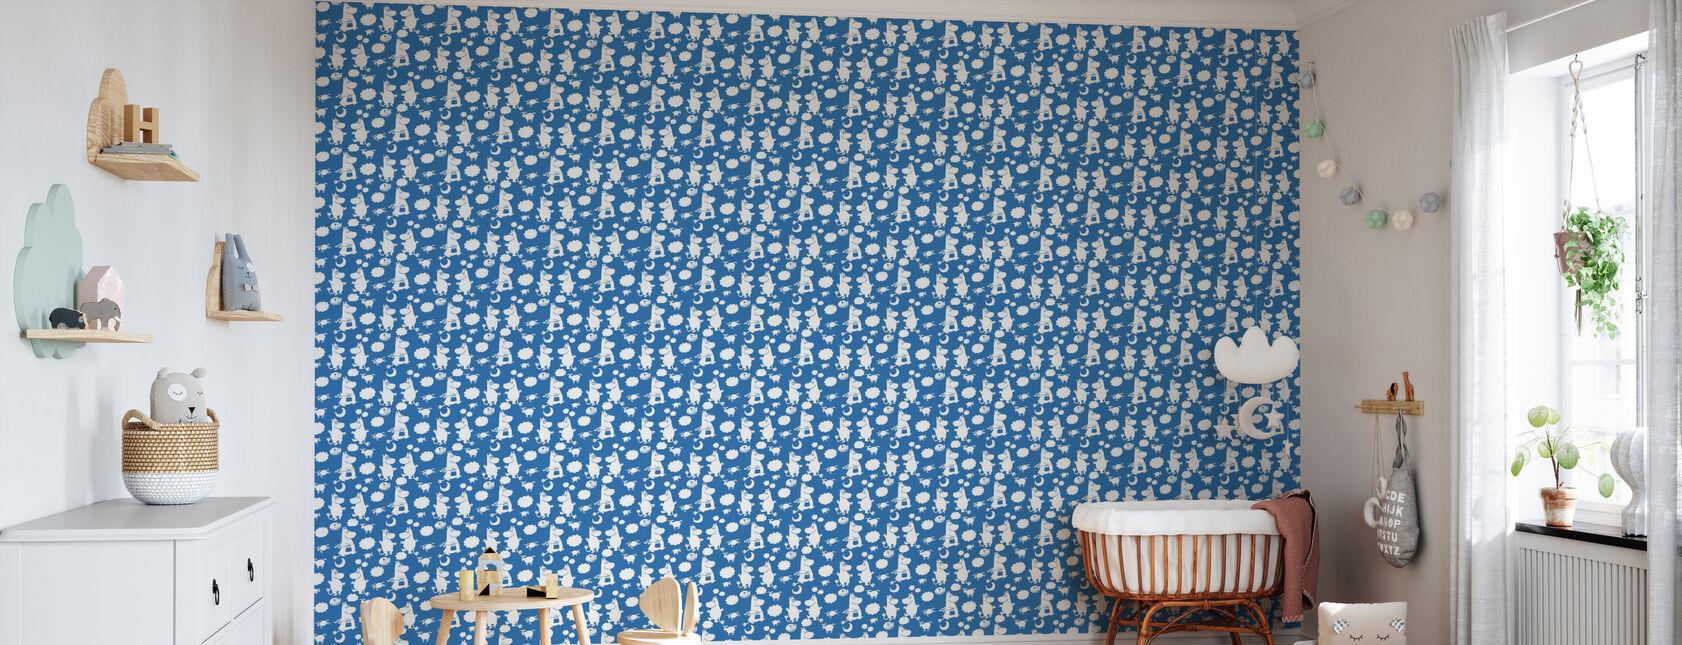 Moomin Retro Pattern - Blue - Wallpaper - Nursery